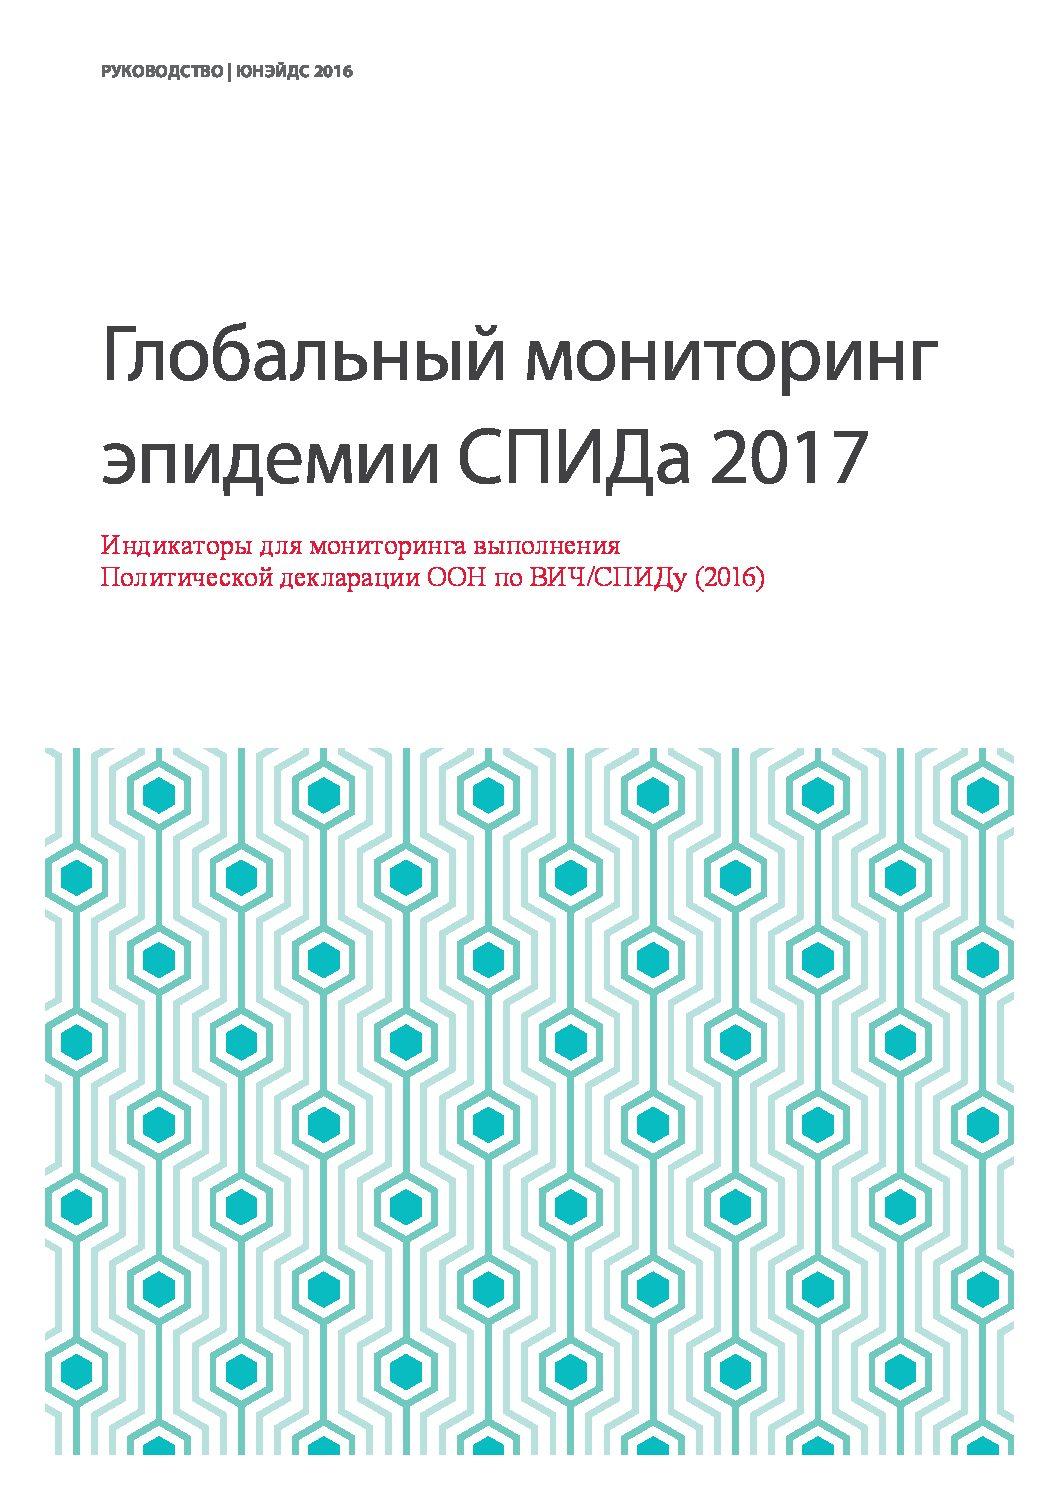 Глобальный мониторинг эпидемии СПИДа 2017